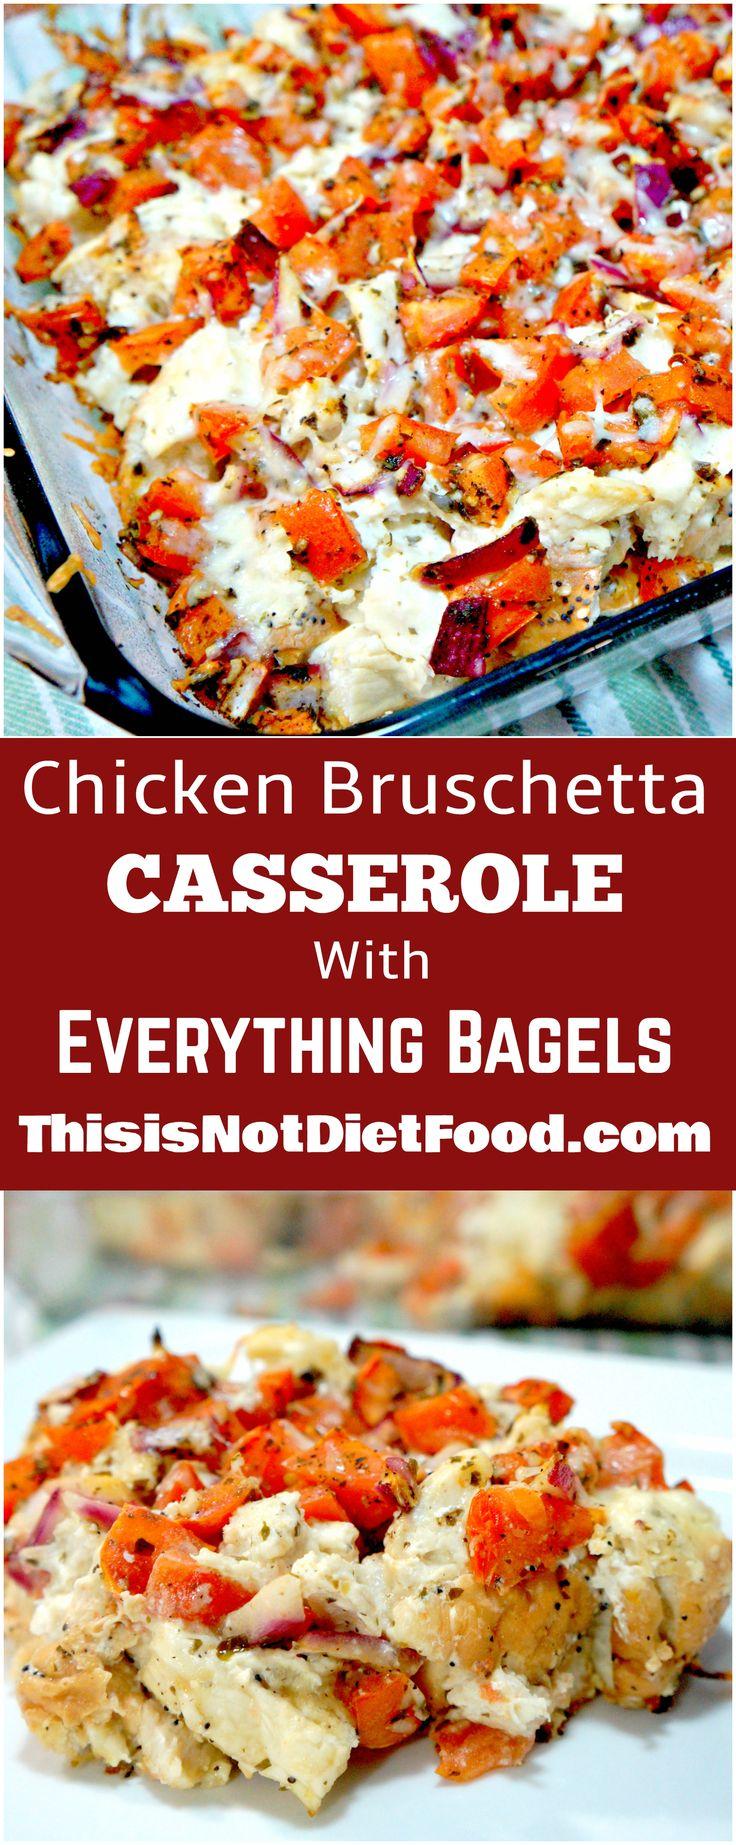 Chicken Bruschetta Casserole with Everything Bagels. Easy weeknight dinner.